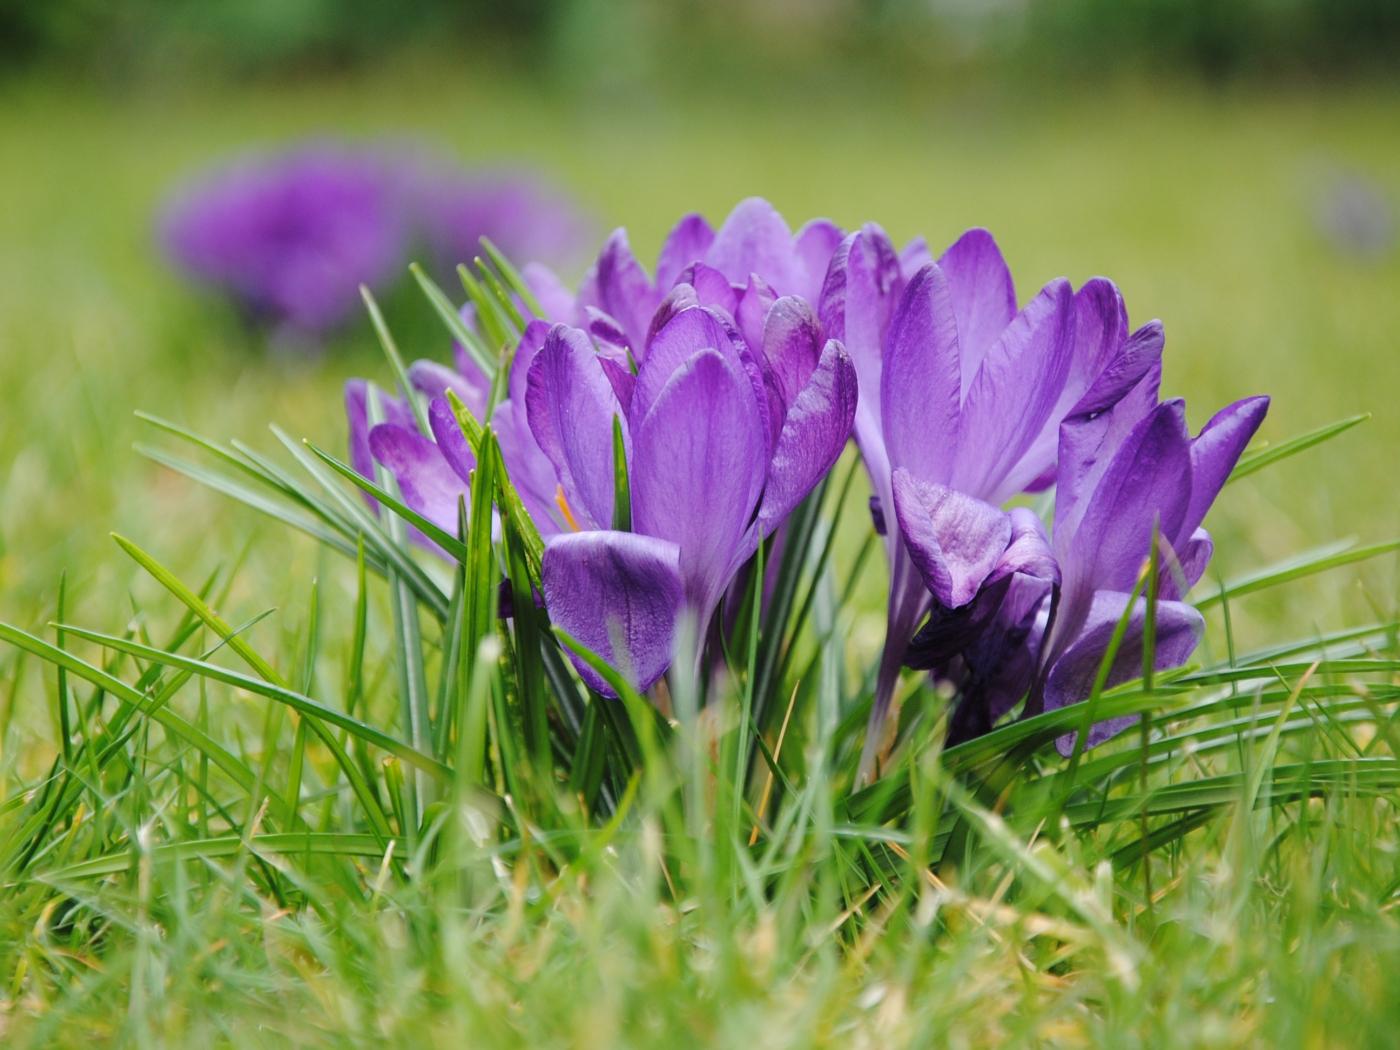 1400x1050 wallpaper Purple crocus, flowers, grass, bloom